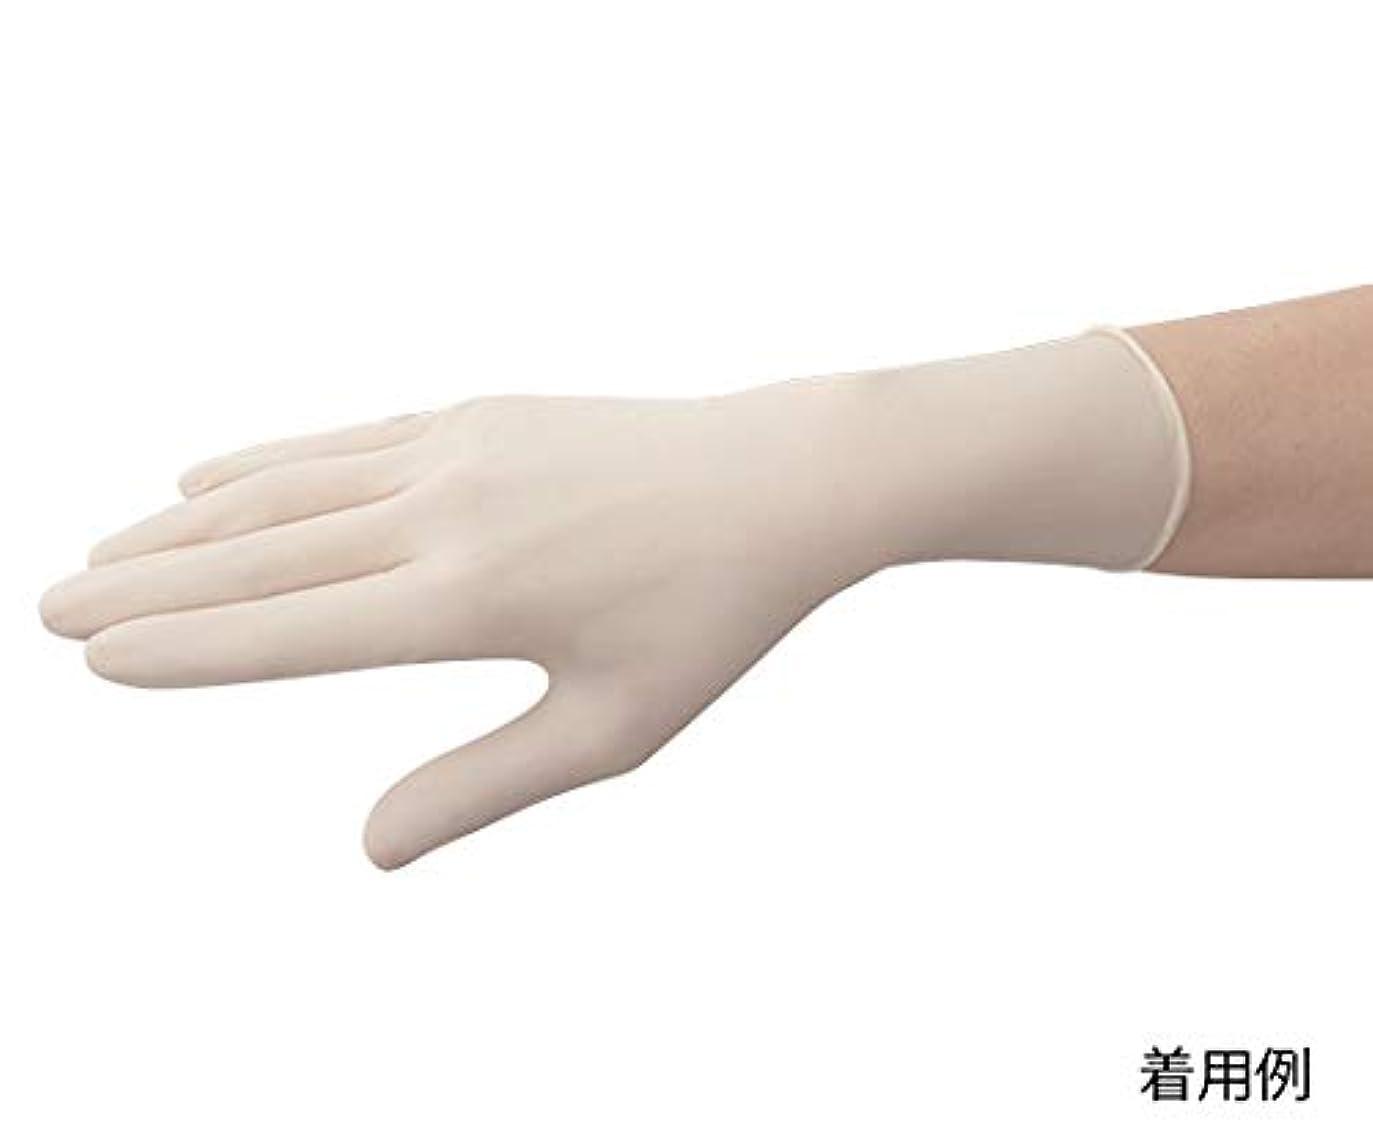 大工寄り添う木材東レ?メディカル 手術用手袋メディグリップ パウダーフリー50双 8175MG